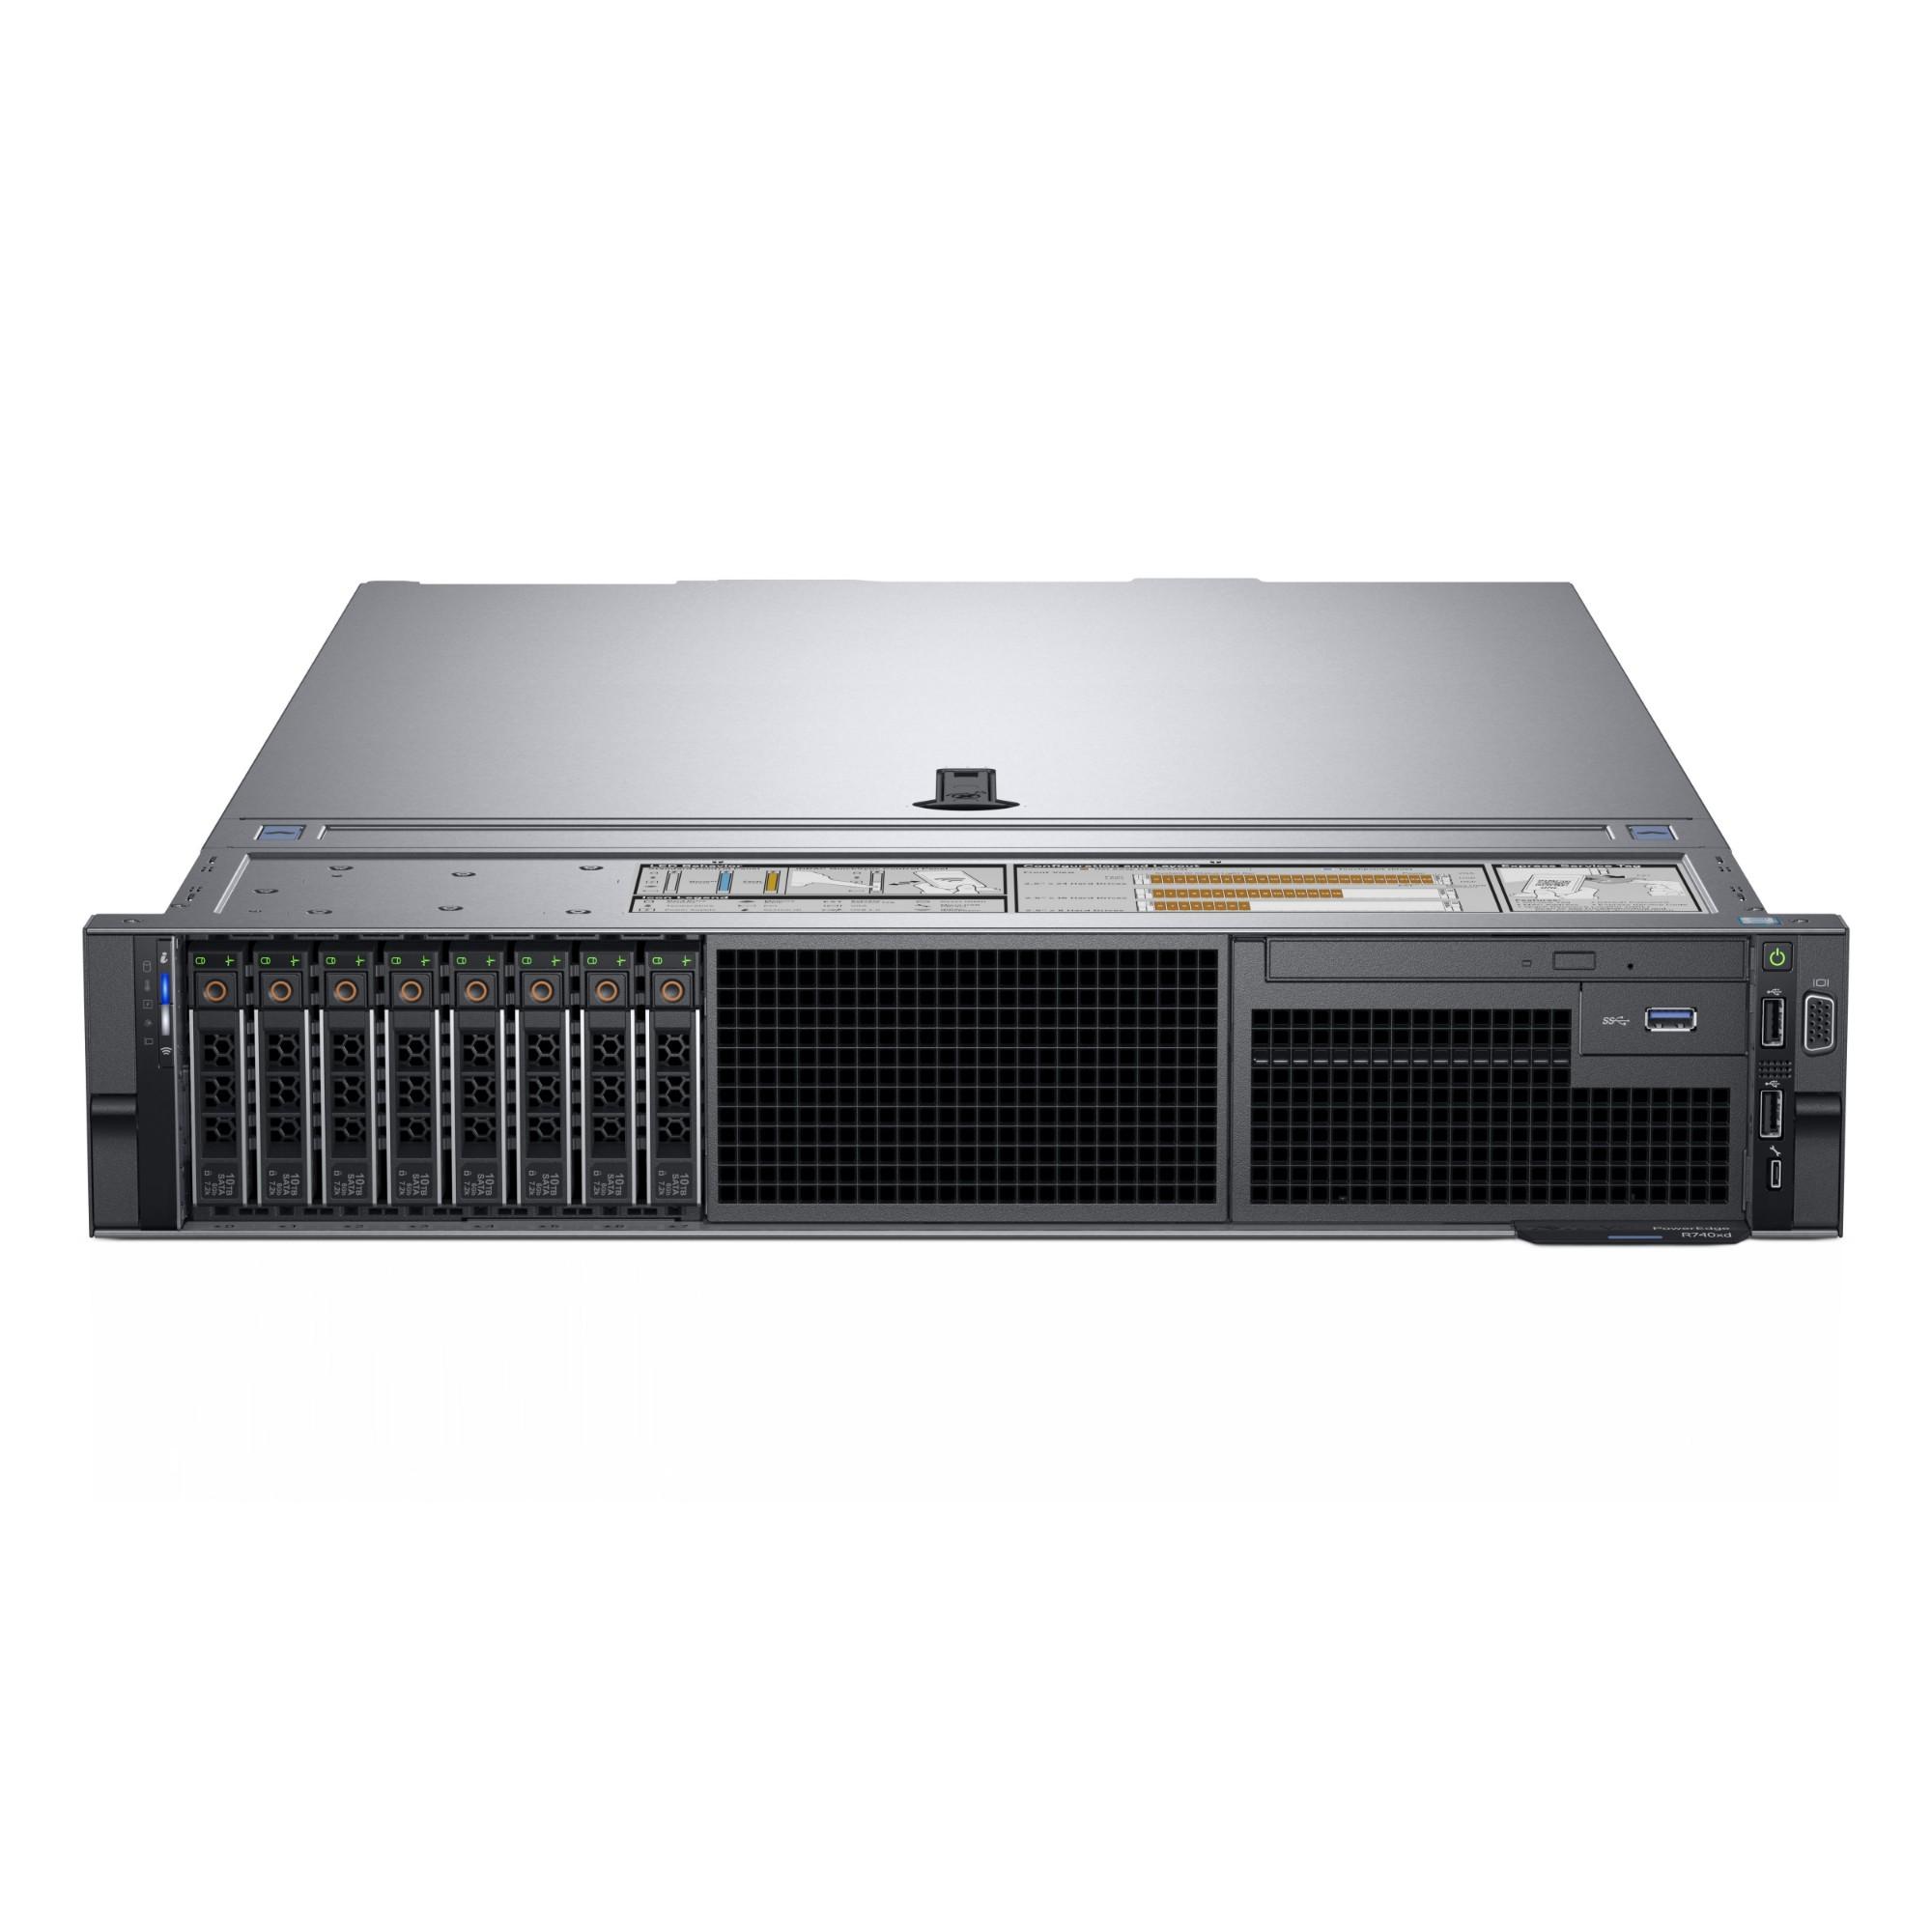 DELL R740 server 2 1 GHz Intel Xeon Silver 4110 Rack (2U) 750 W